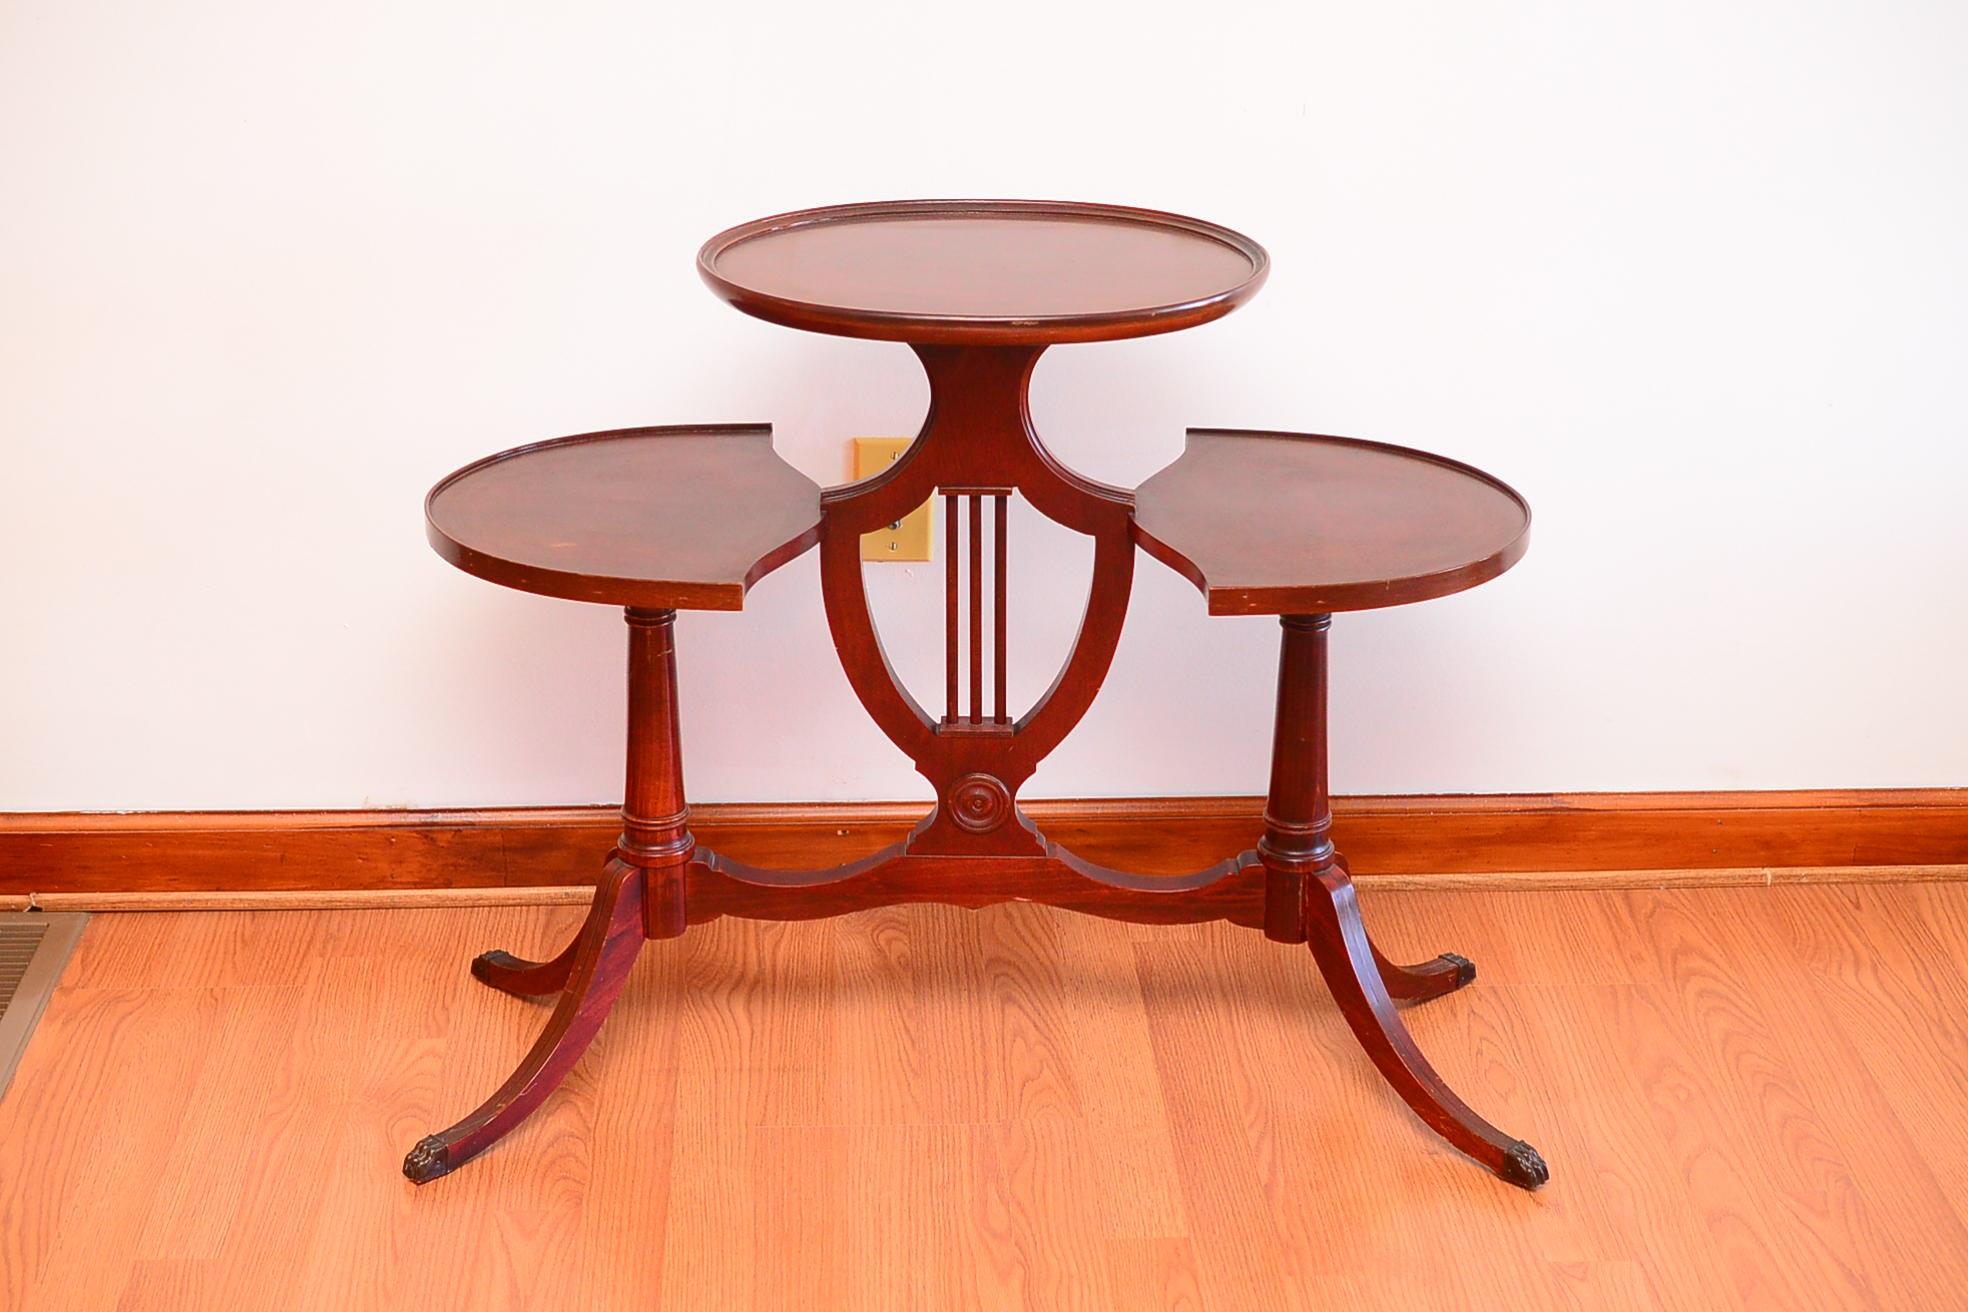 Duncan Phyfe Style Mahogany Three Tier Tea Table ...